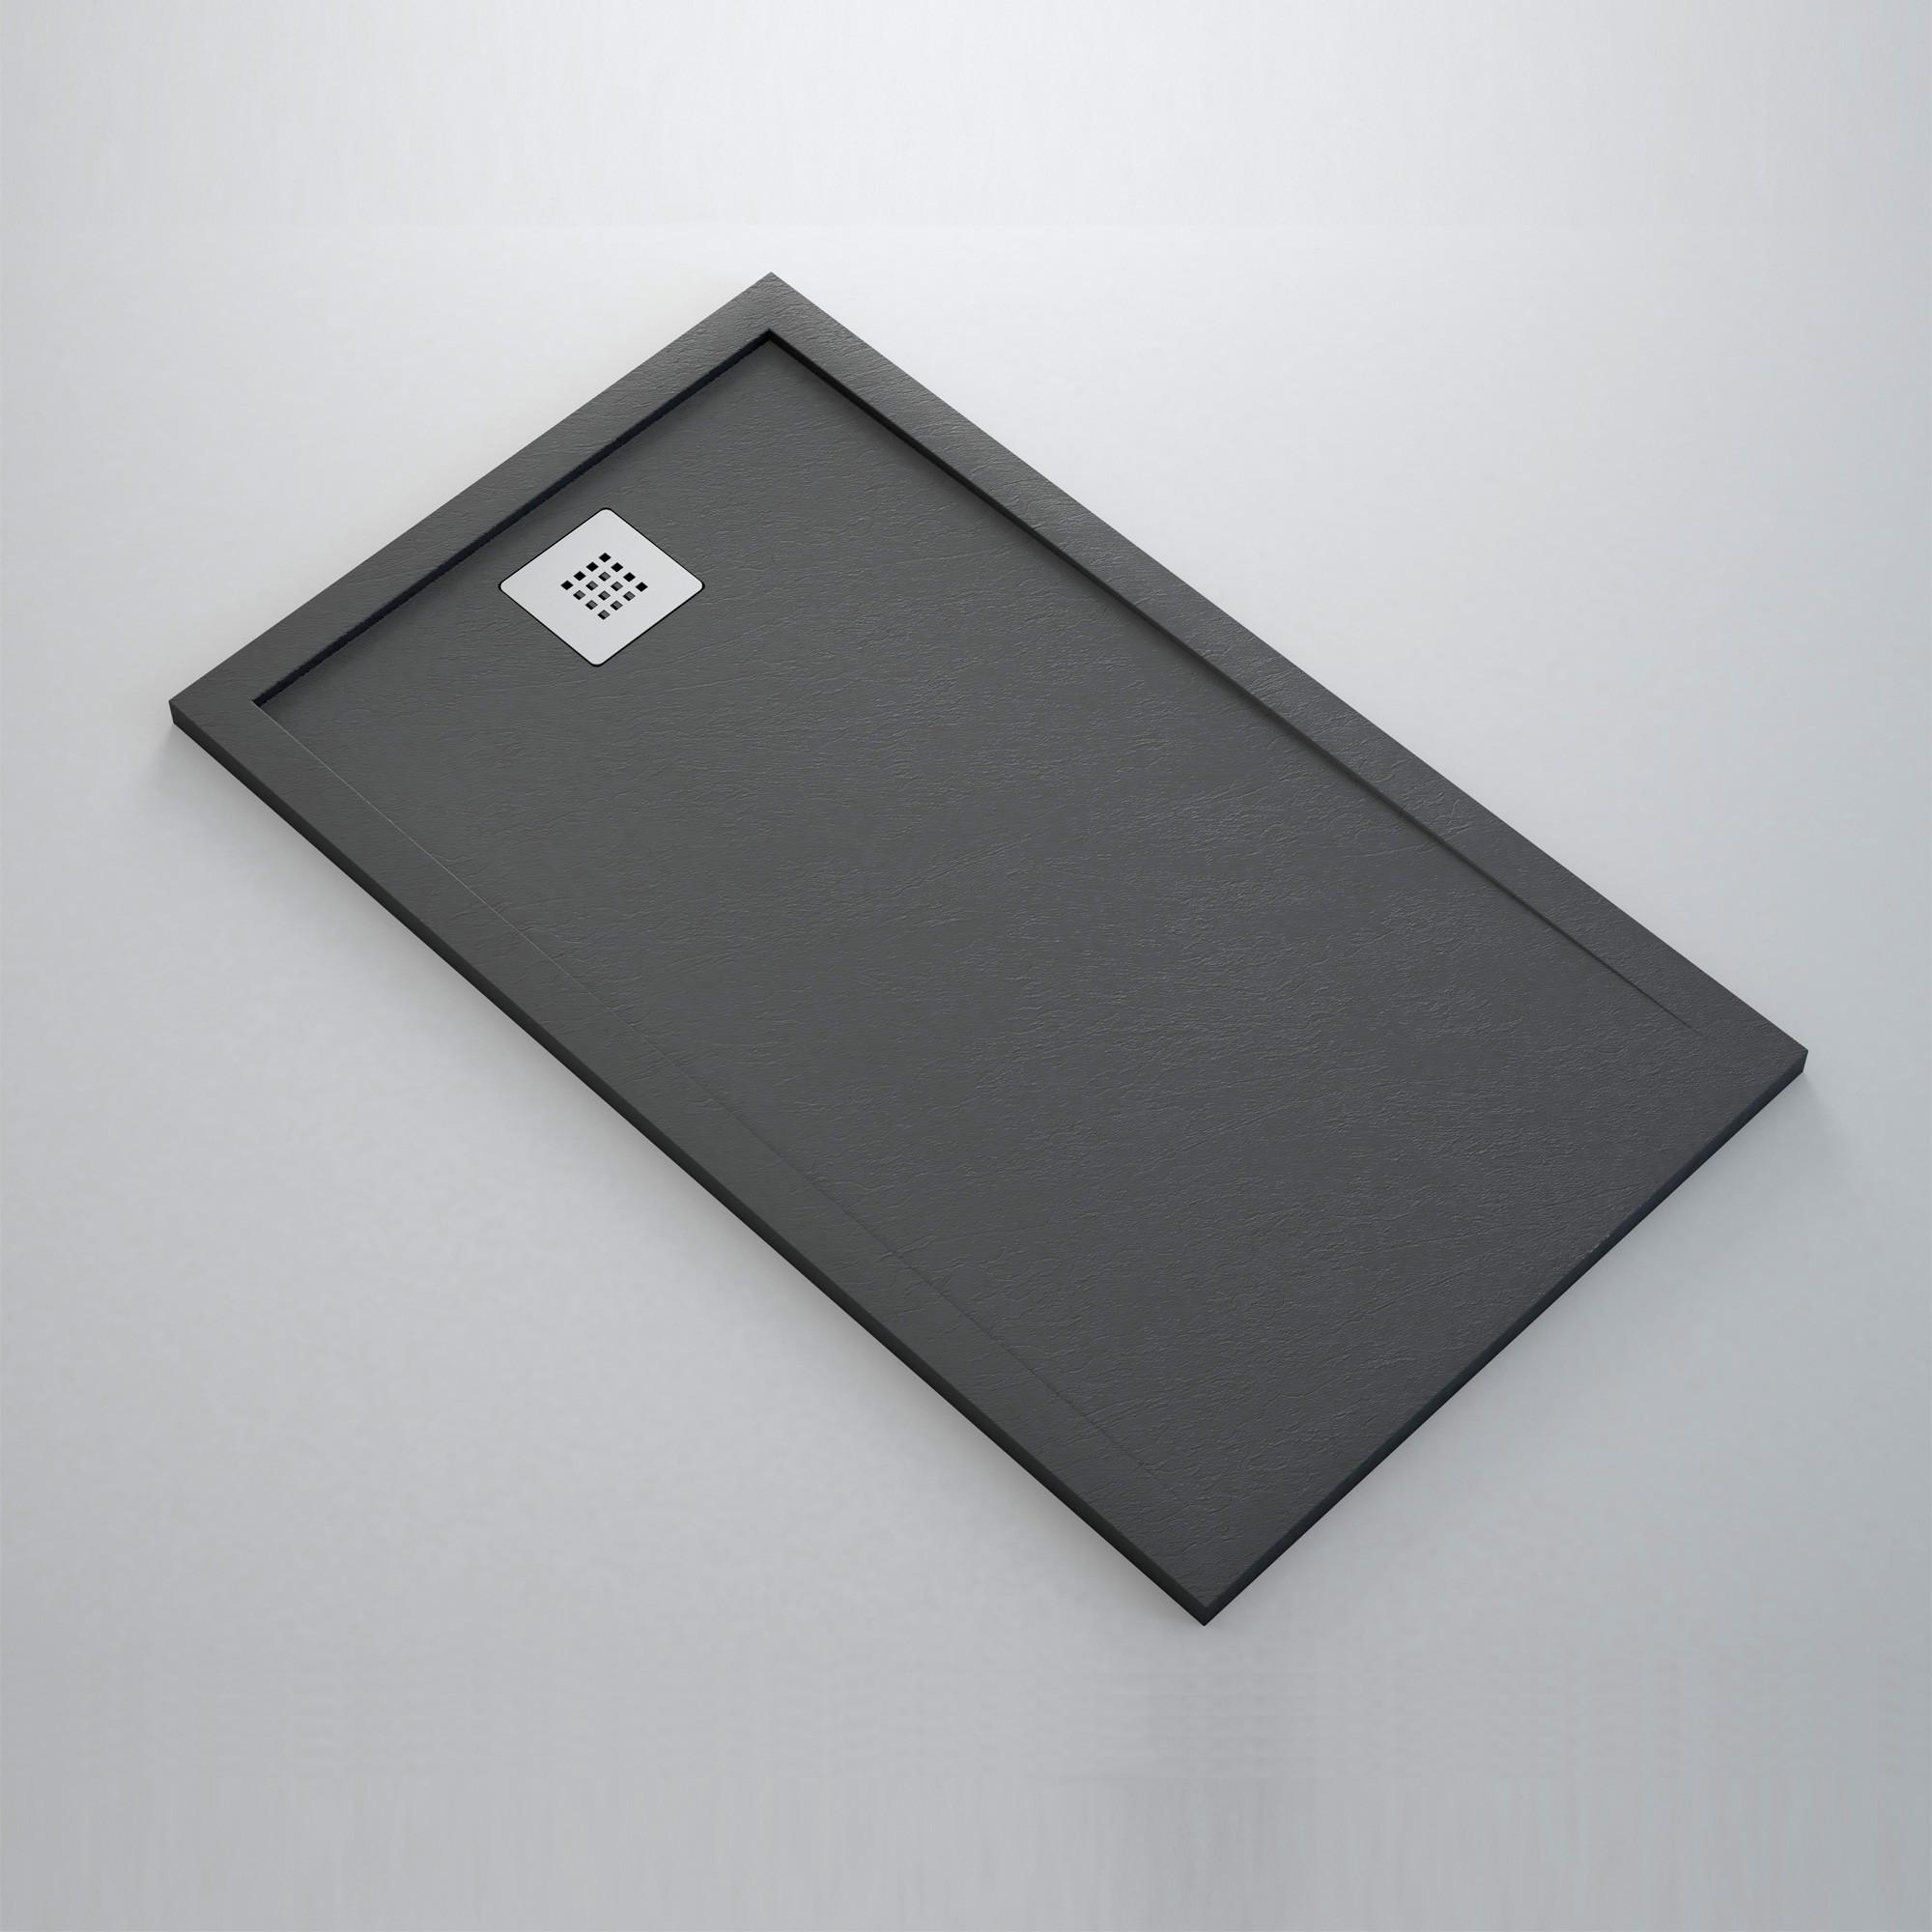 receveur de douche noir solid light en r sine ultra l ger anjou connectique. Black Bedroom Furniture Sets. Home Design Ideas